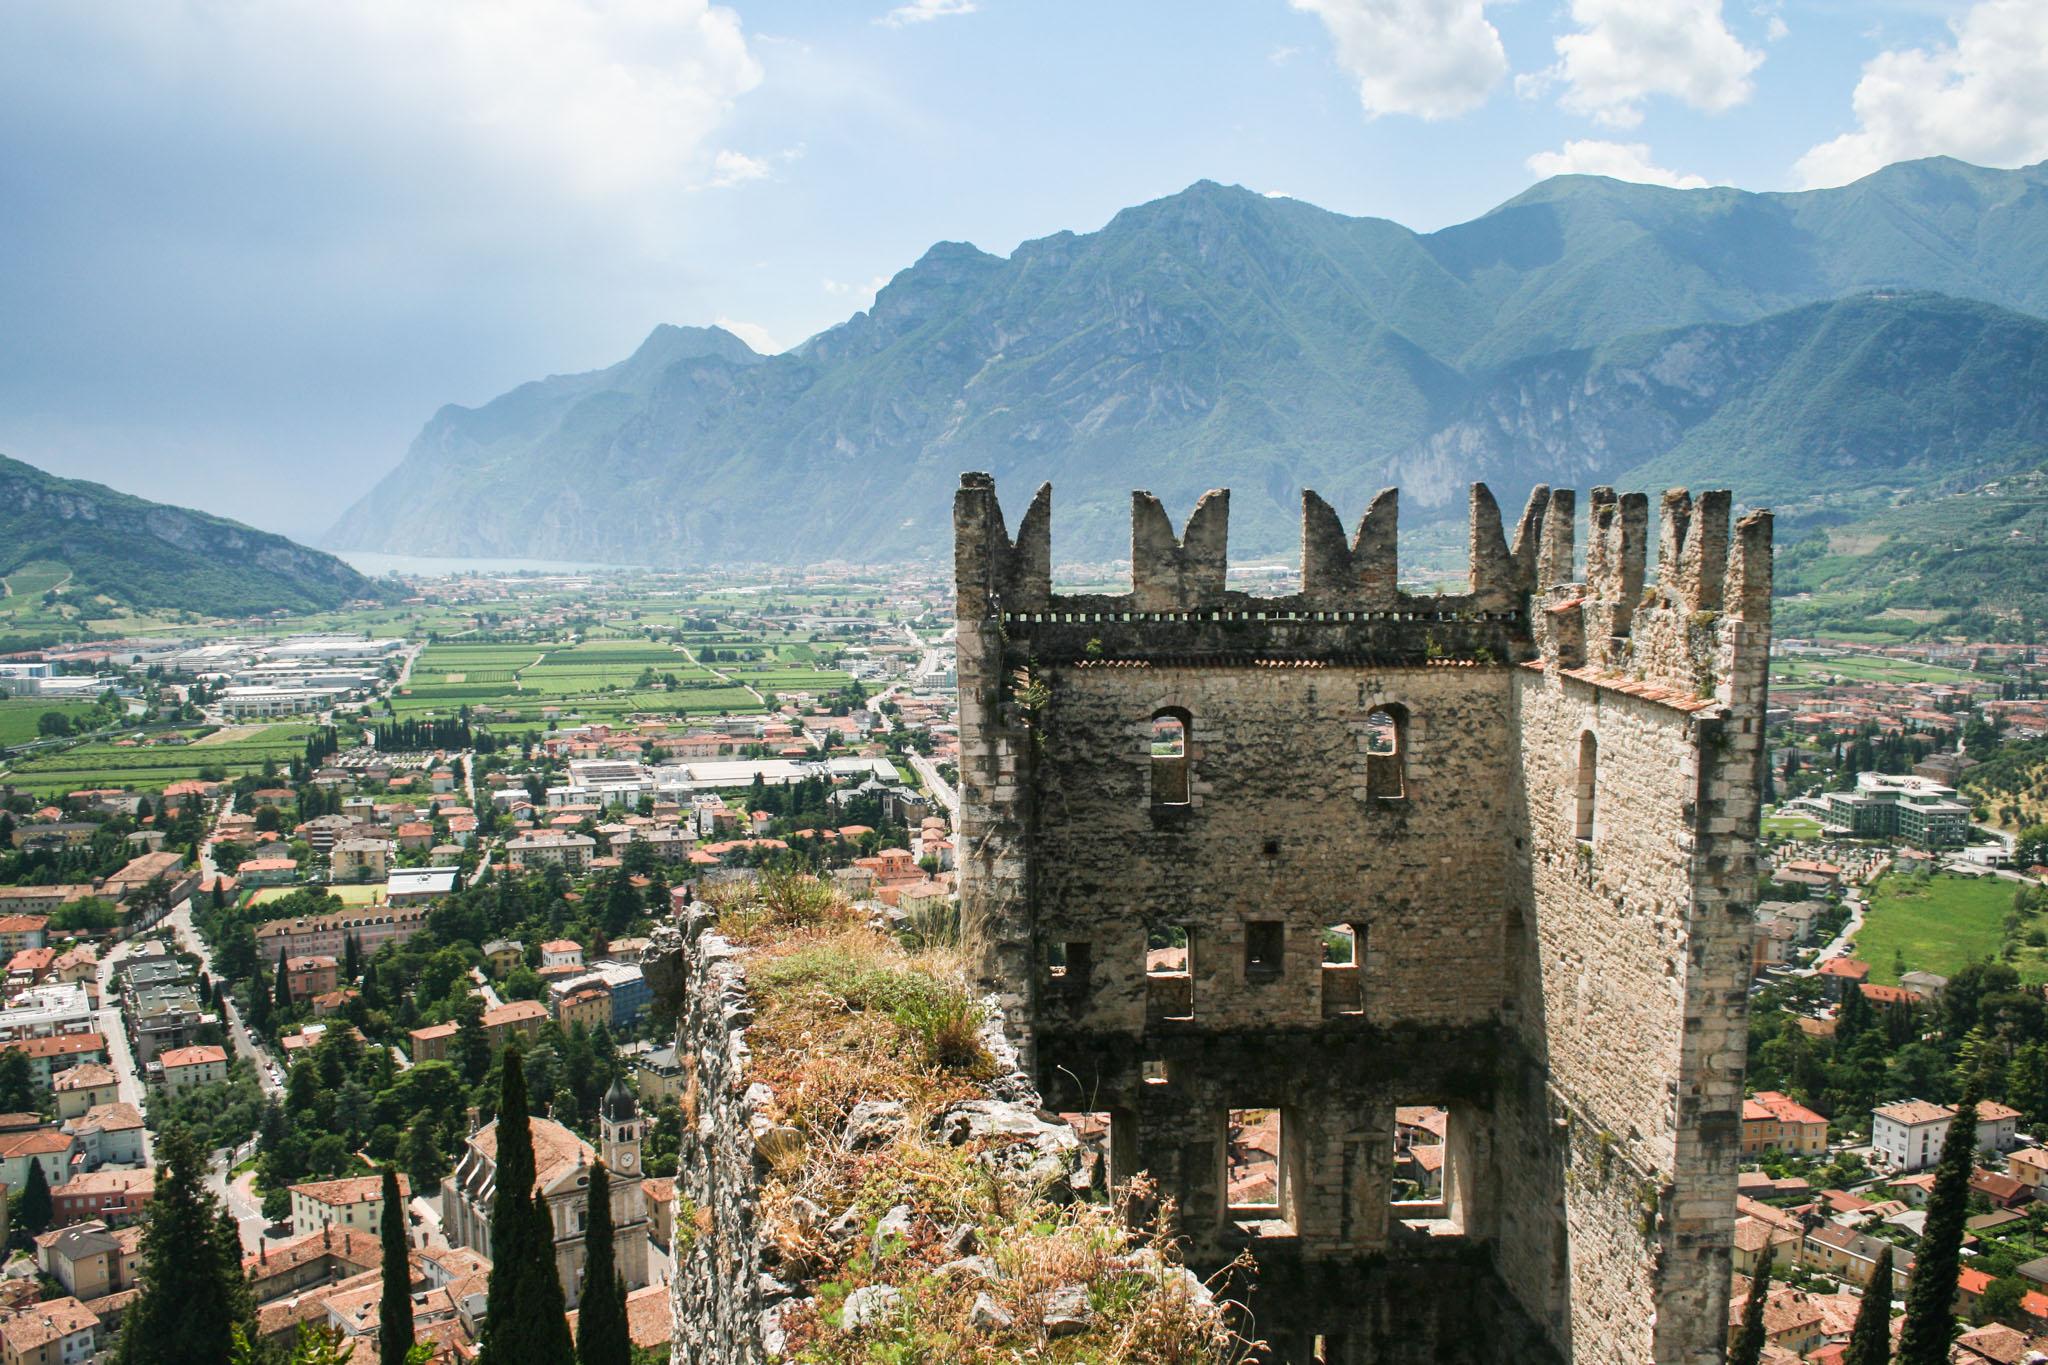 Der Burgturm und der nördliche Gardasee mit Riva del Garda